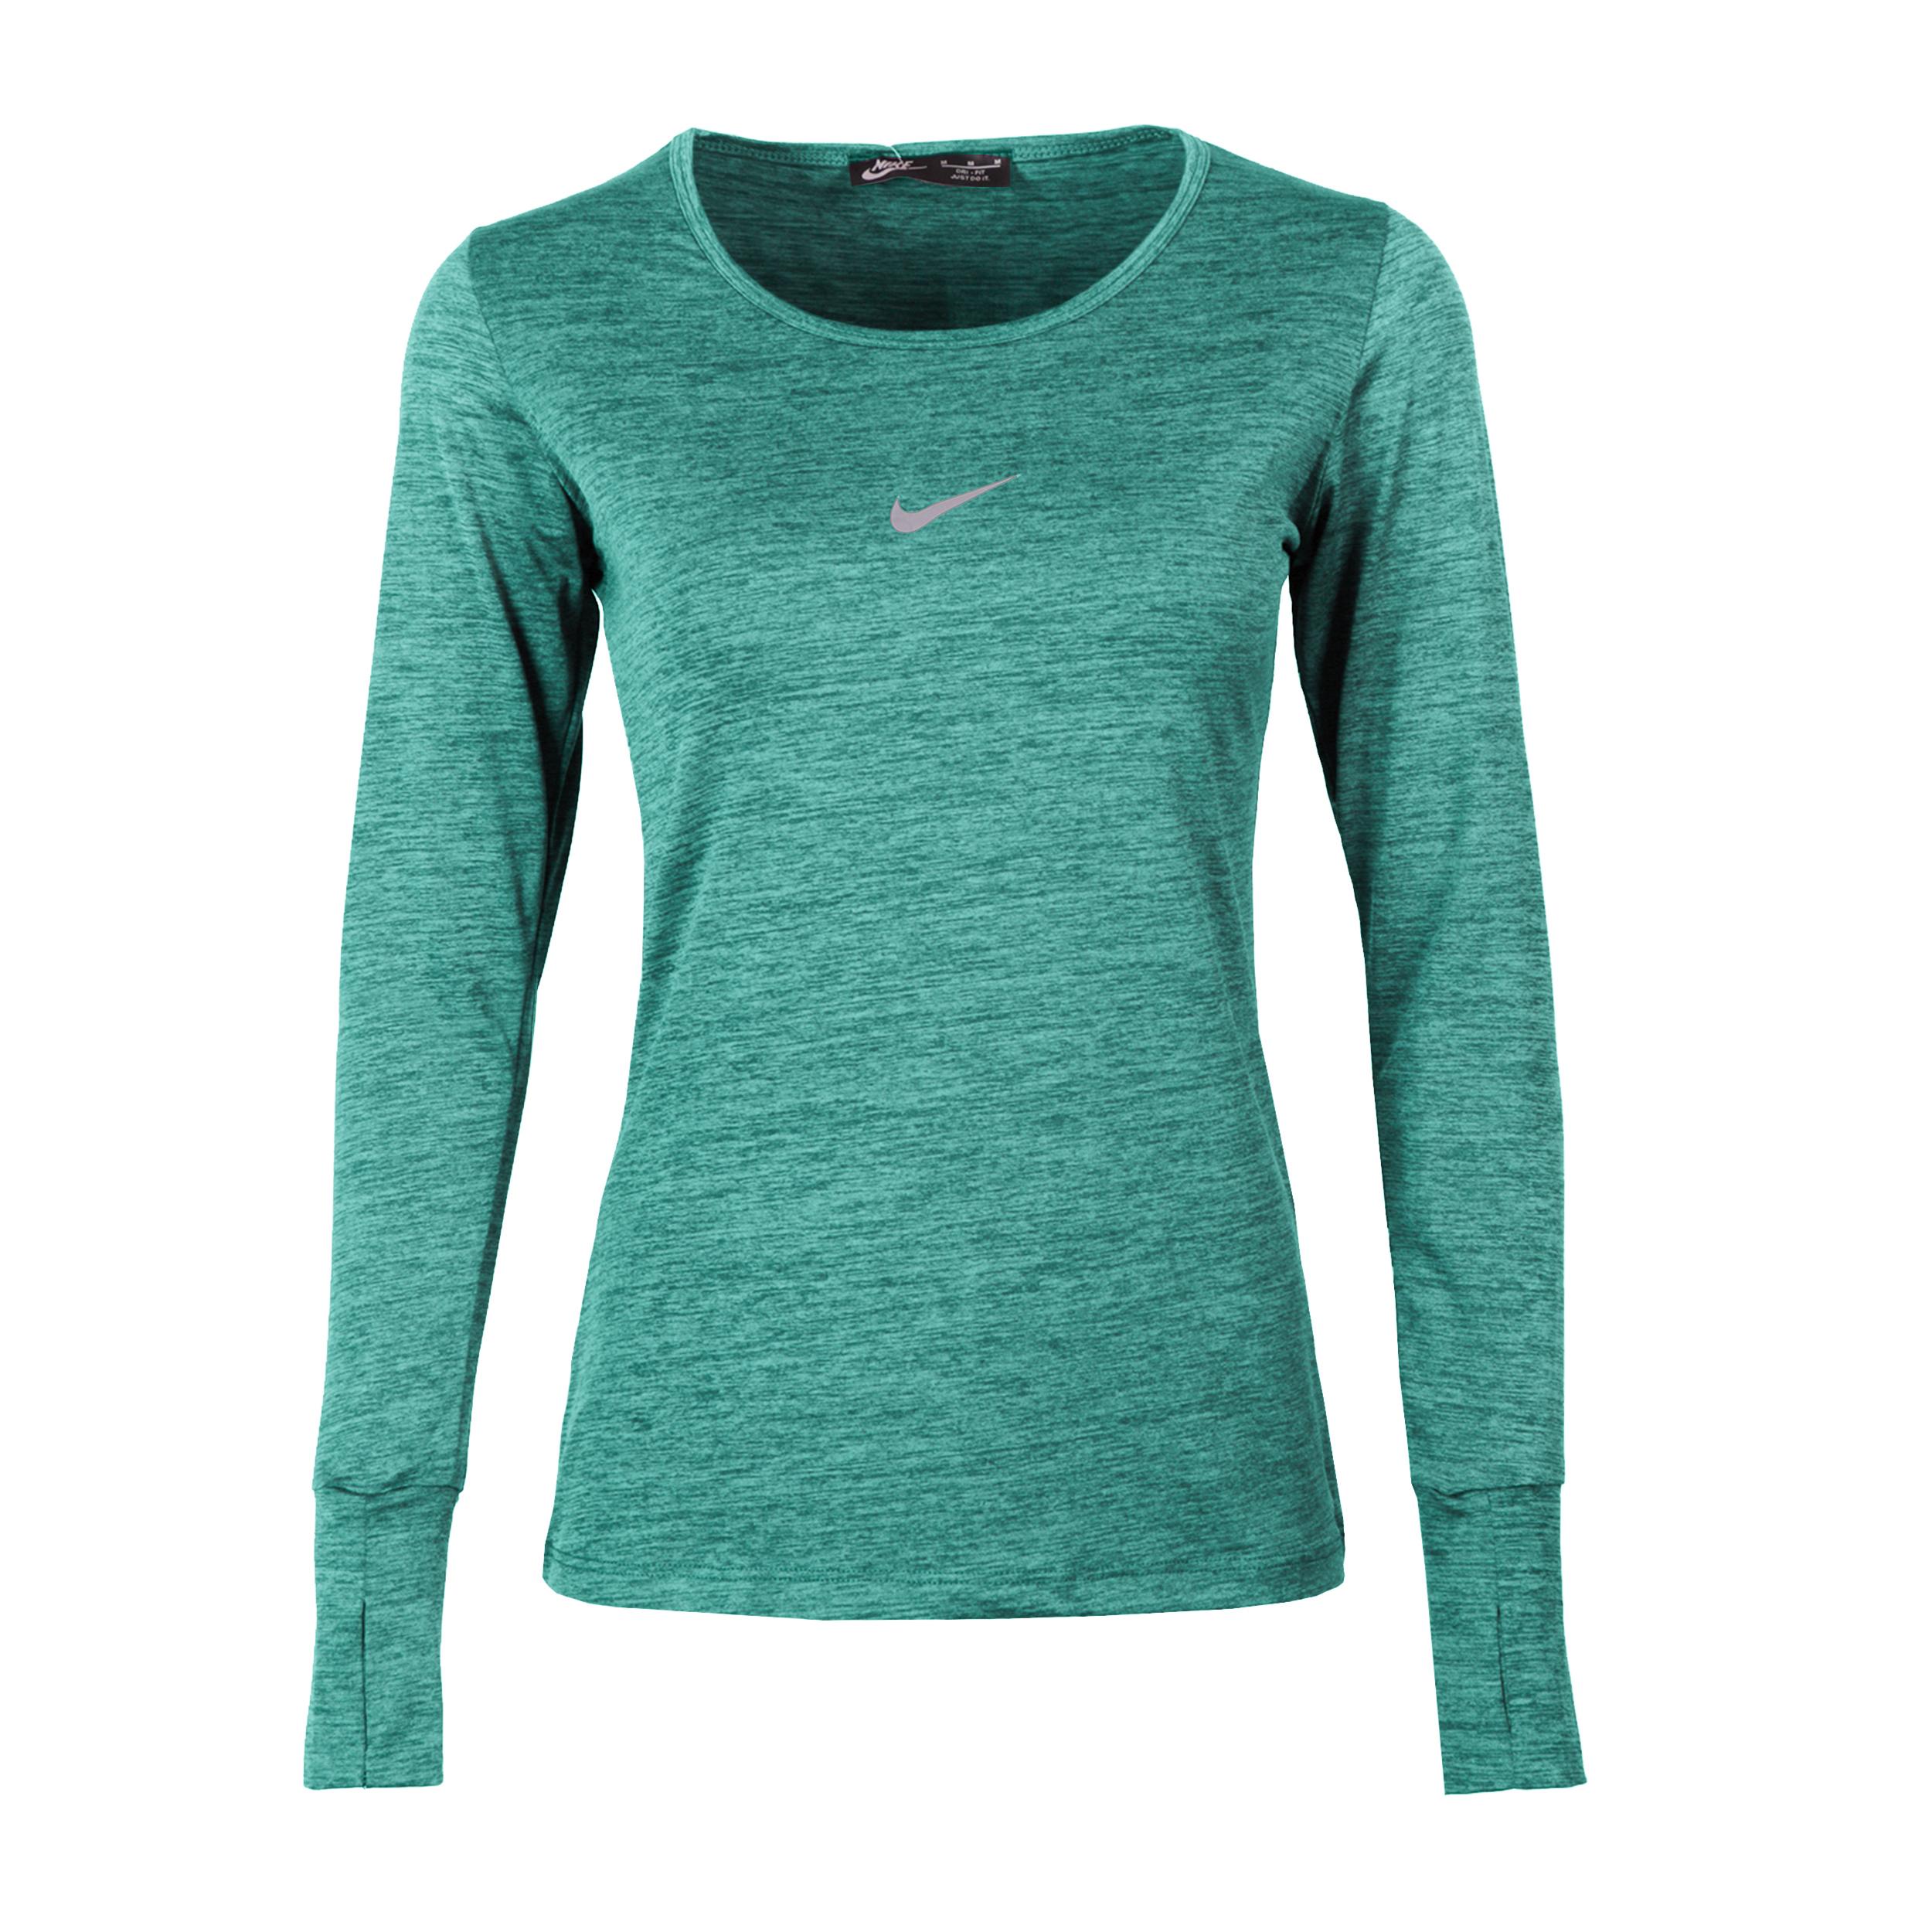 تی شرت آستین بلند ورزشی زنانه مدل 014 - 3940